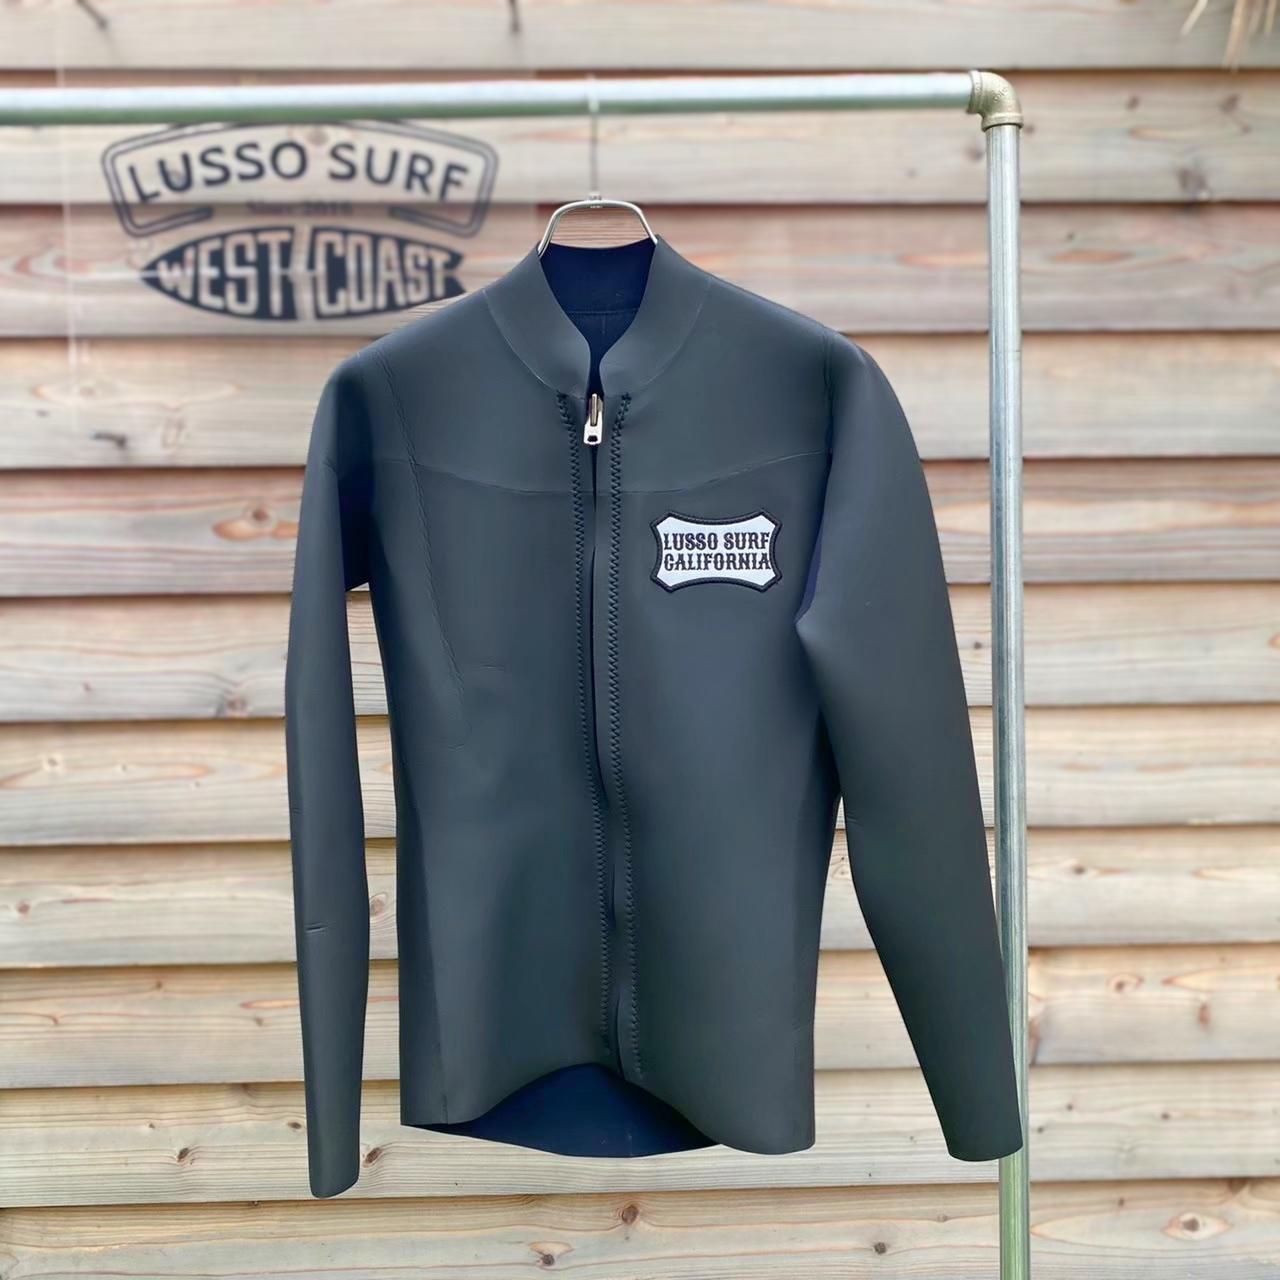 【フルオーダー用】Wetsuit front zip Long Sleeve jacket【Men】